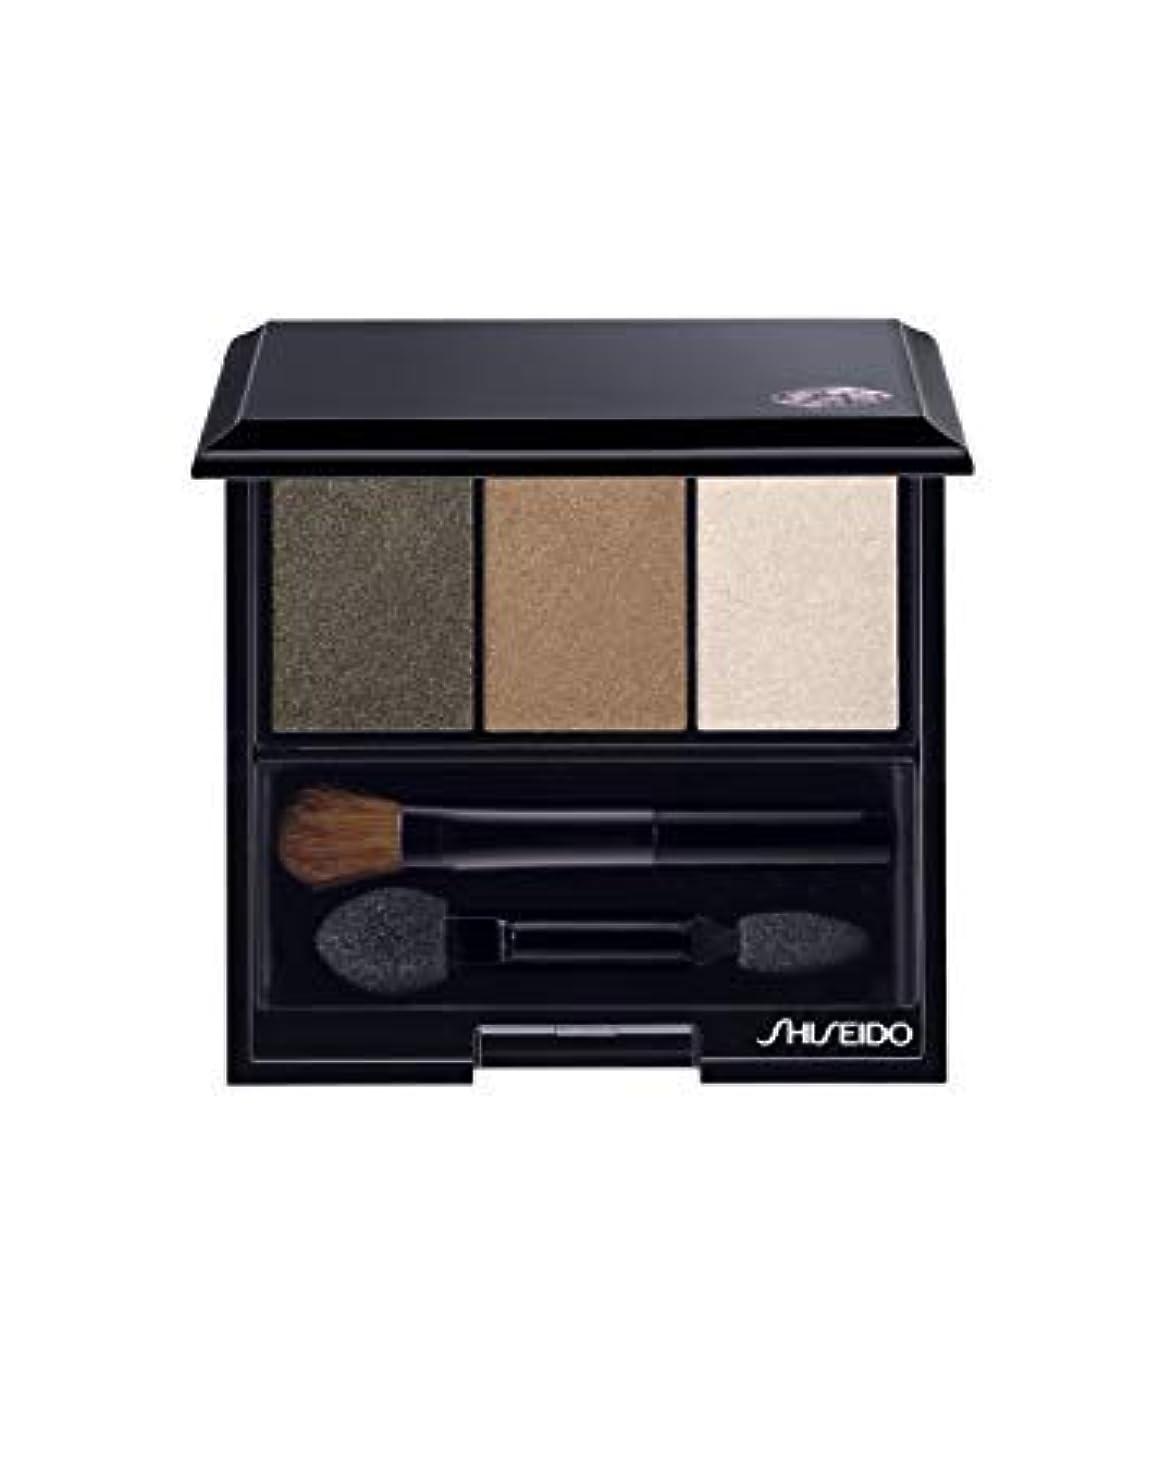 ウェイター不利益魅力的資生堂 ルミナイジング サテン アイカラー トリオ BR307(Shiseido Luminizing Satin Eye Color Trio BR307) [並行輸入品]